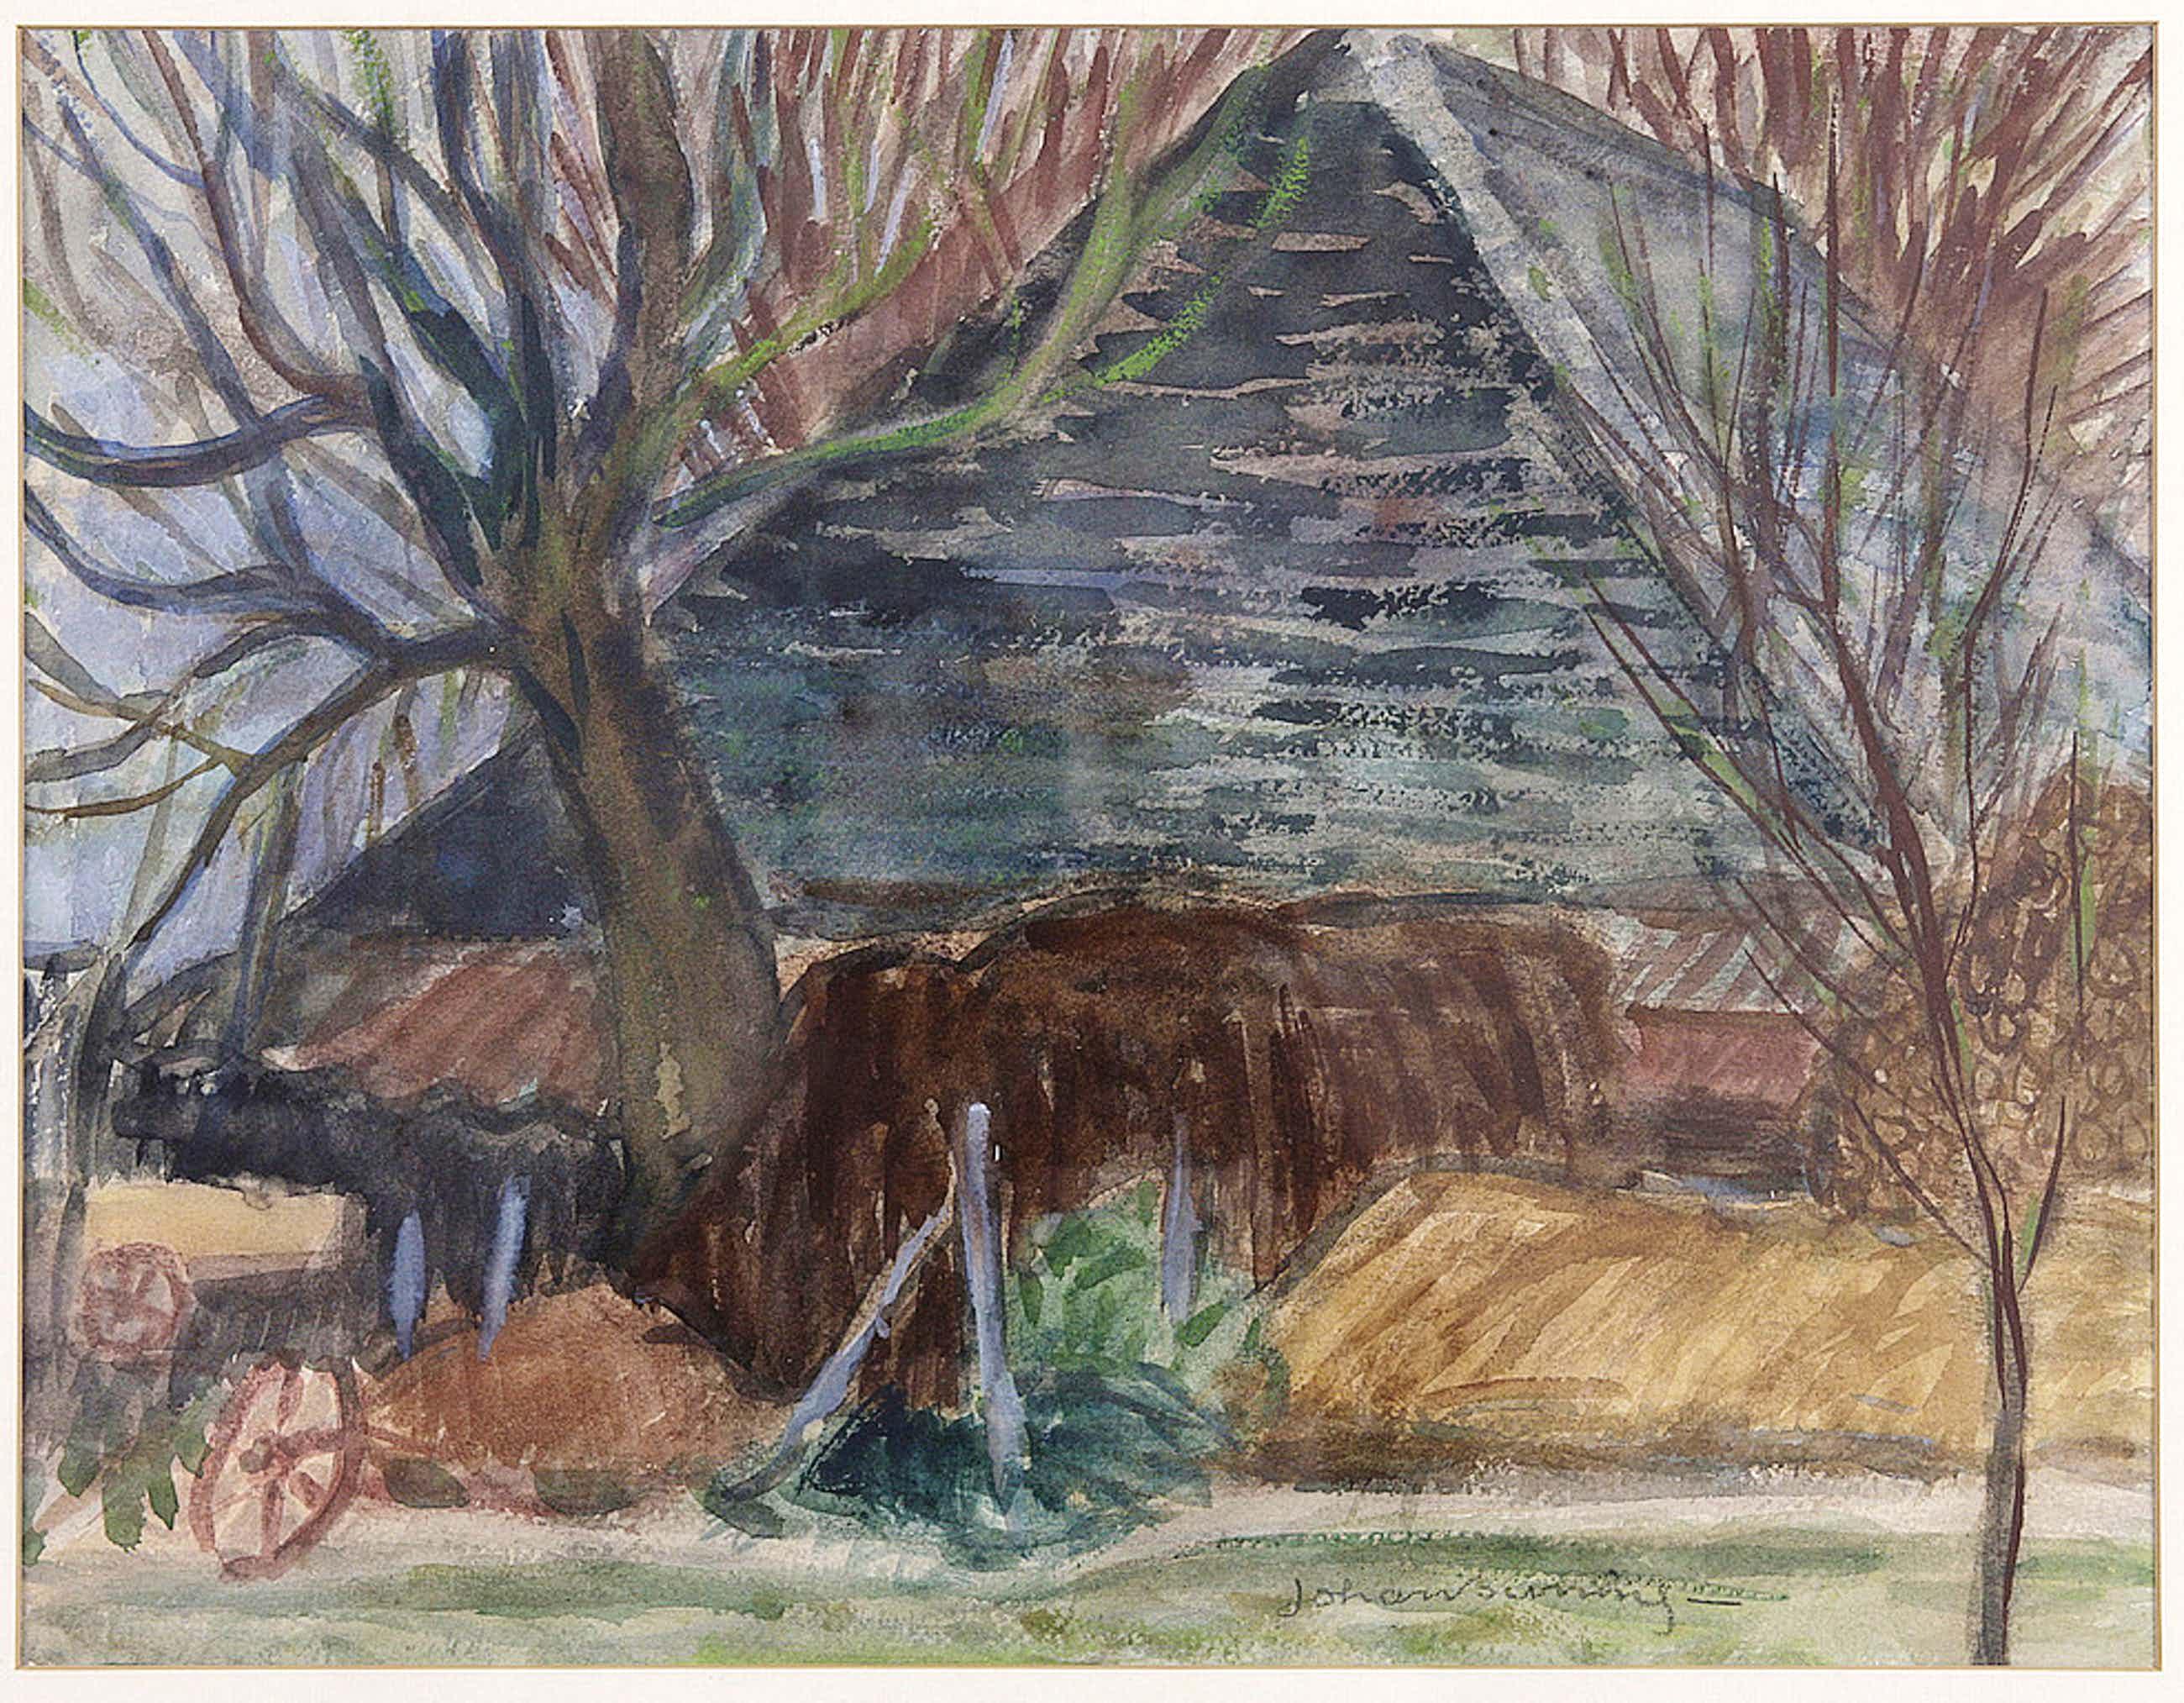 Johan Buning 1893-1963  Schuur tussen de bomen - aquarel, gesigneerd, c. 1930 kopen? Bied vanaf 70!